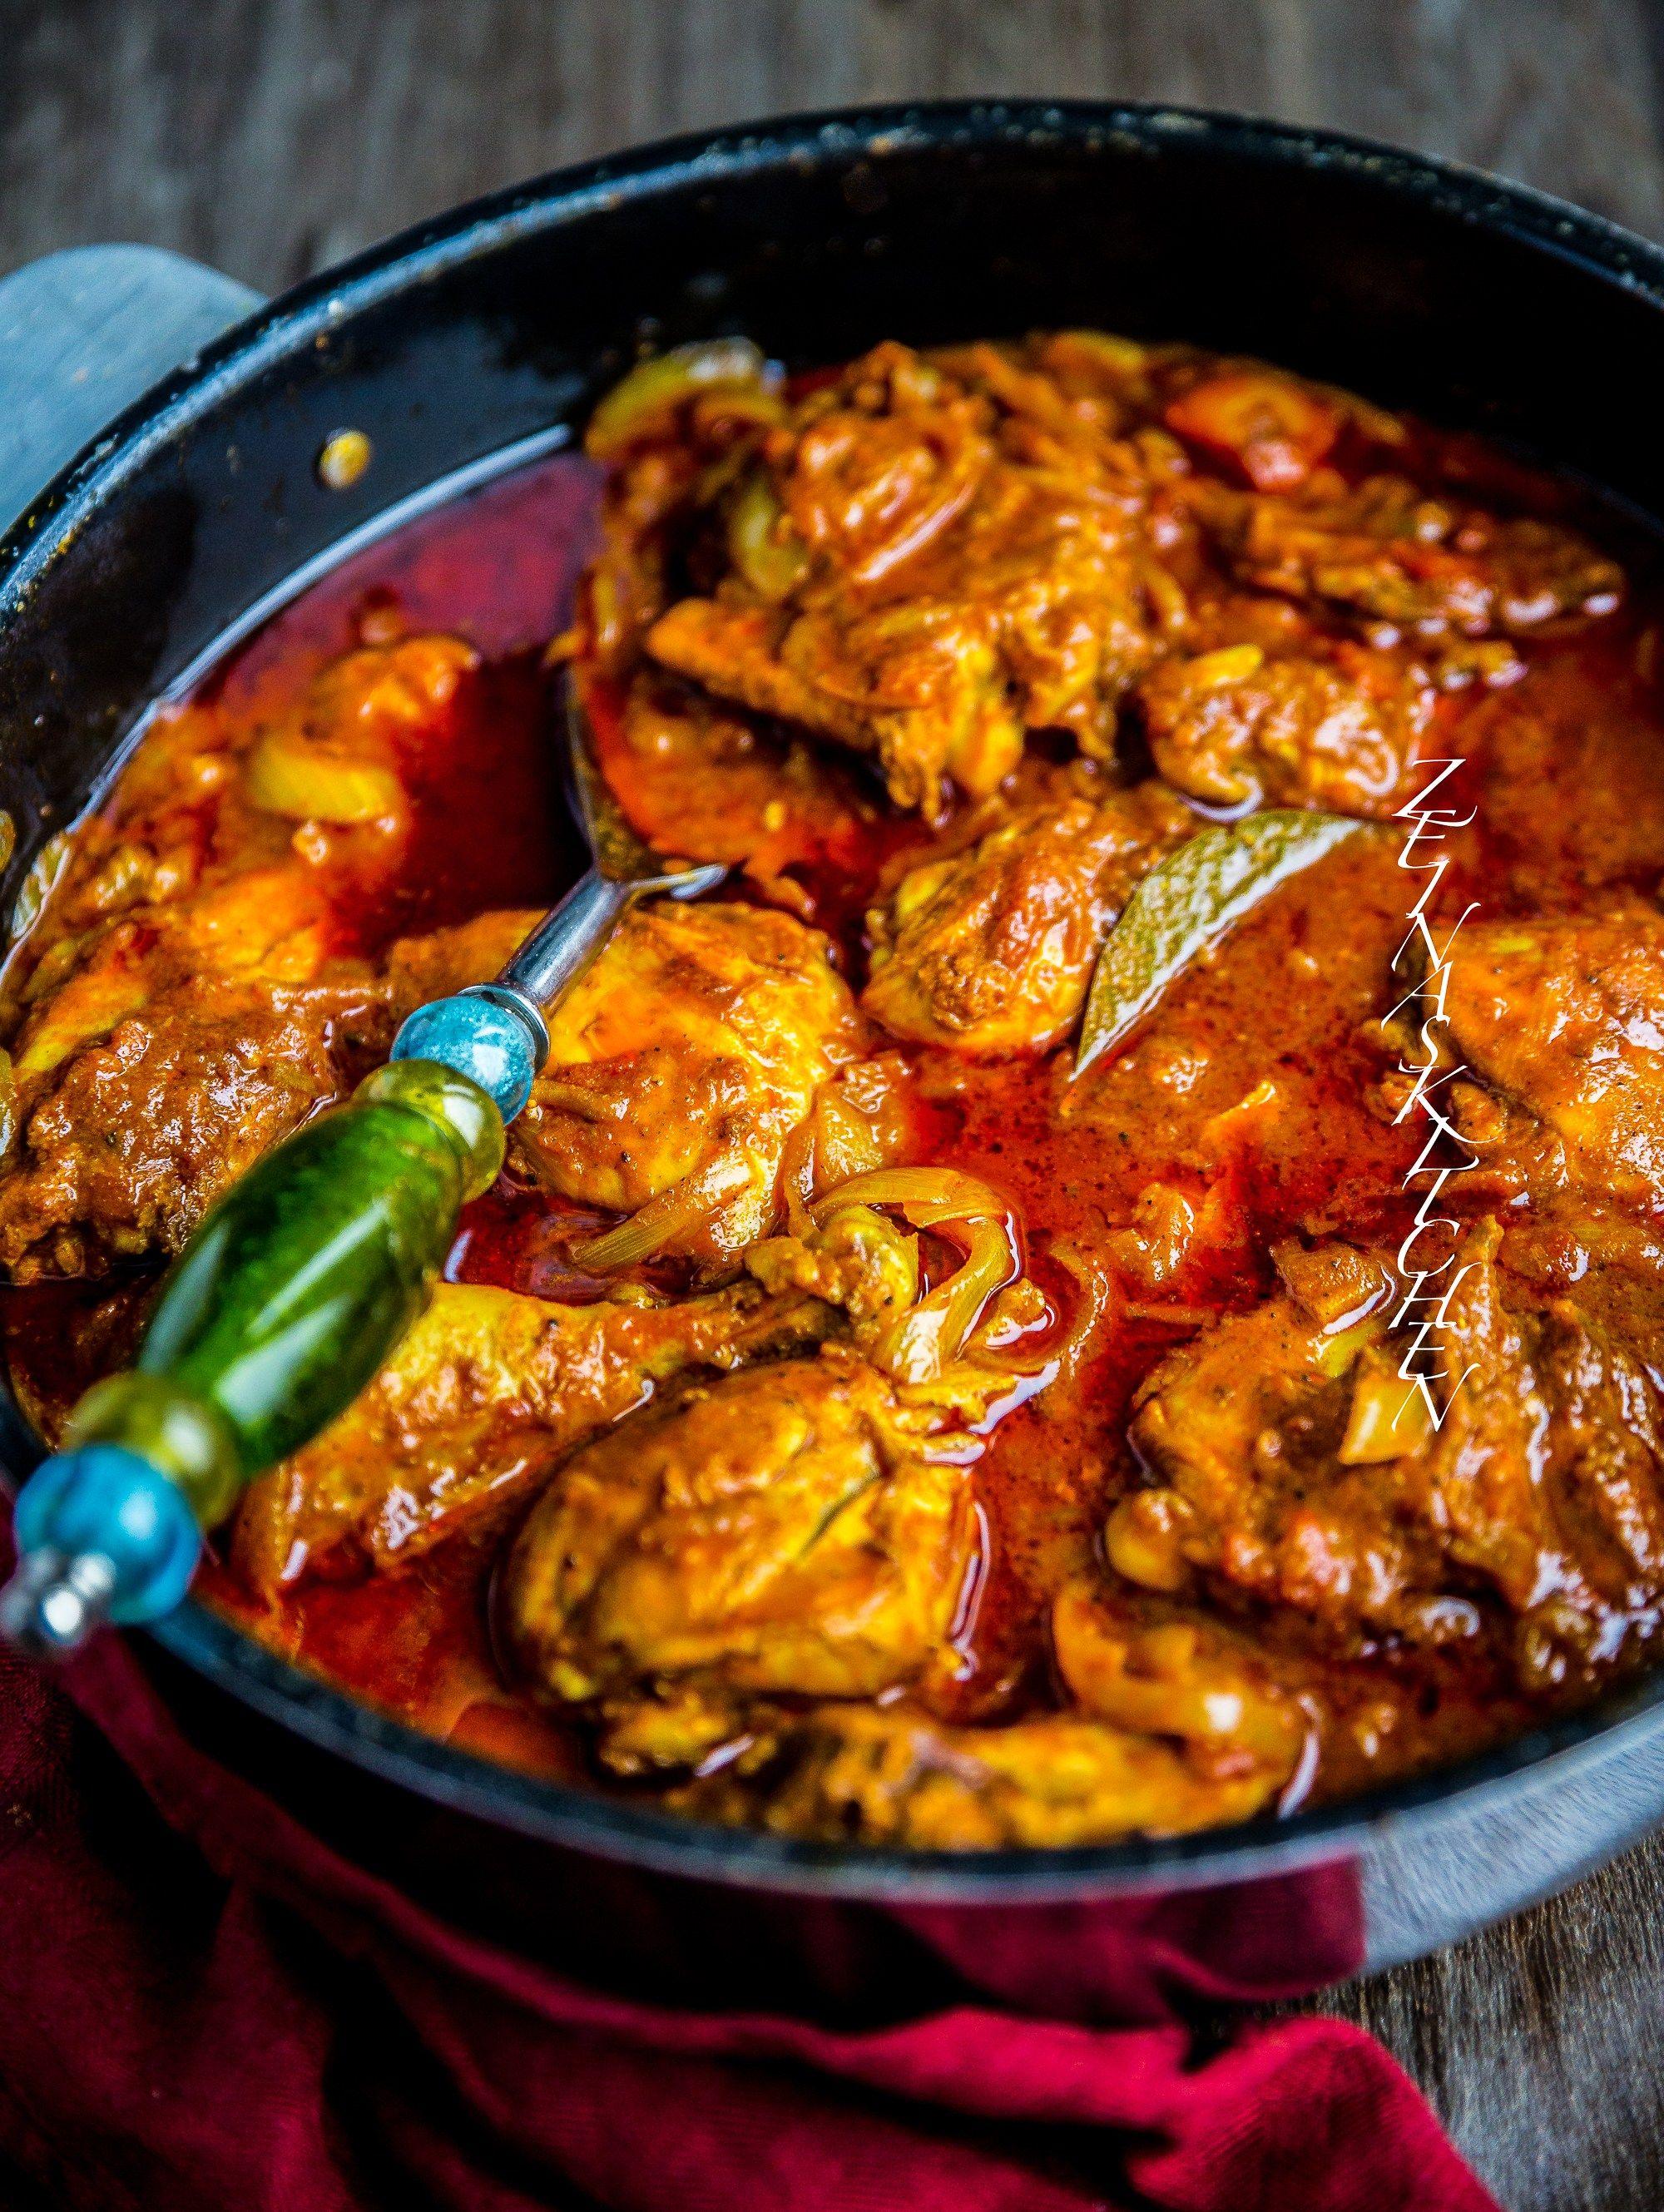 Kryddig Och Mustig Indisk Curry Med Kyckling Denna Ratt Ar Full Med Smaker Och Kryddor Passar Att Serveras Med Naan El Indisk Curry Indiska Recept Indisk Mat